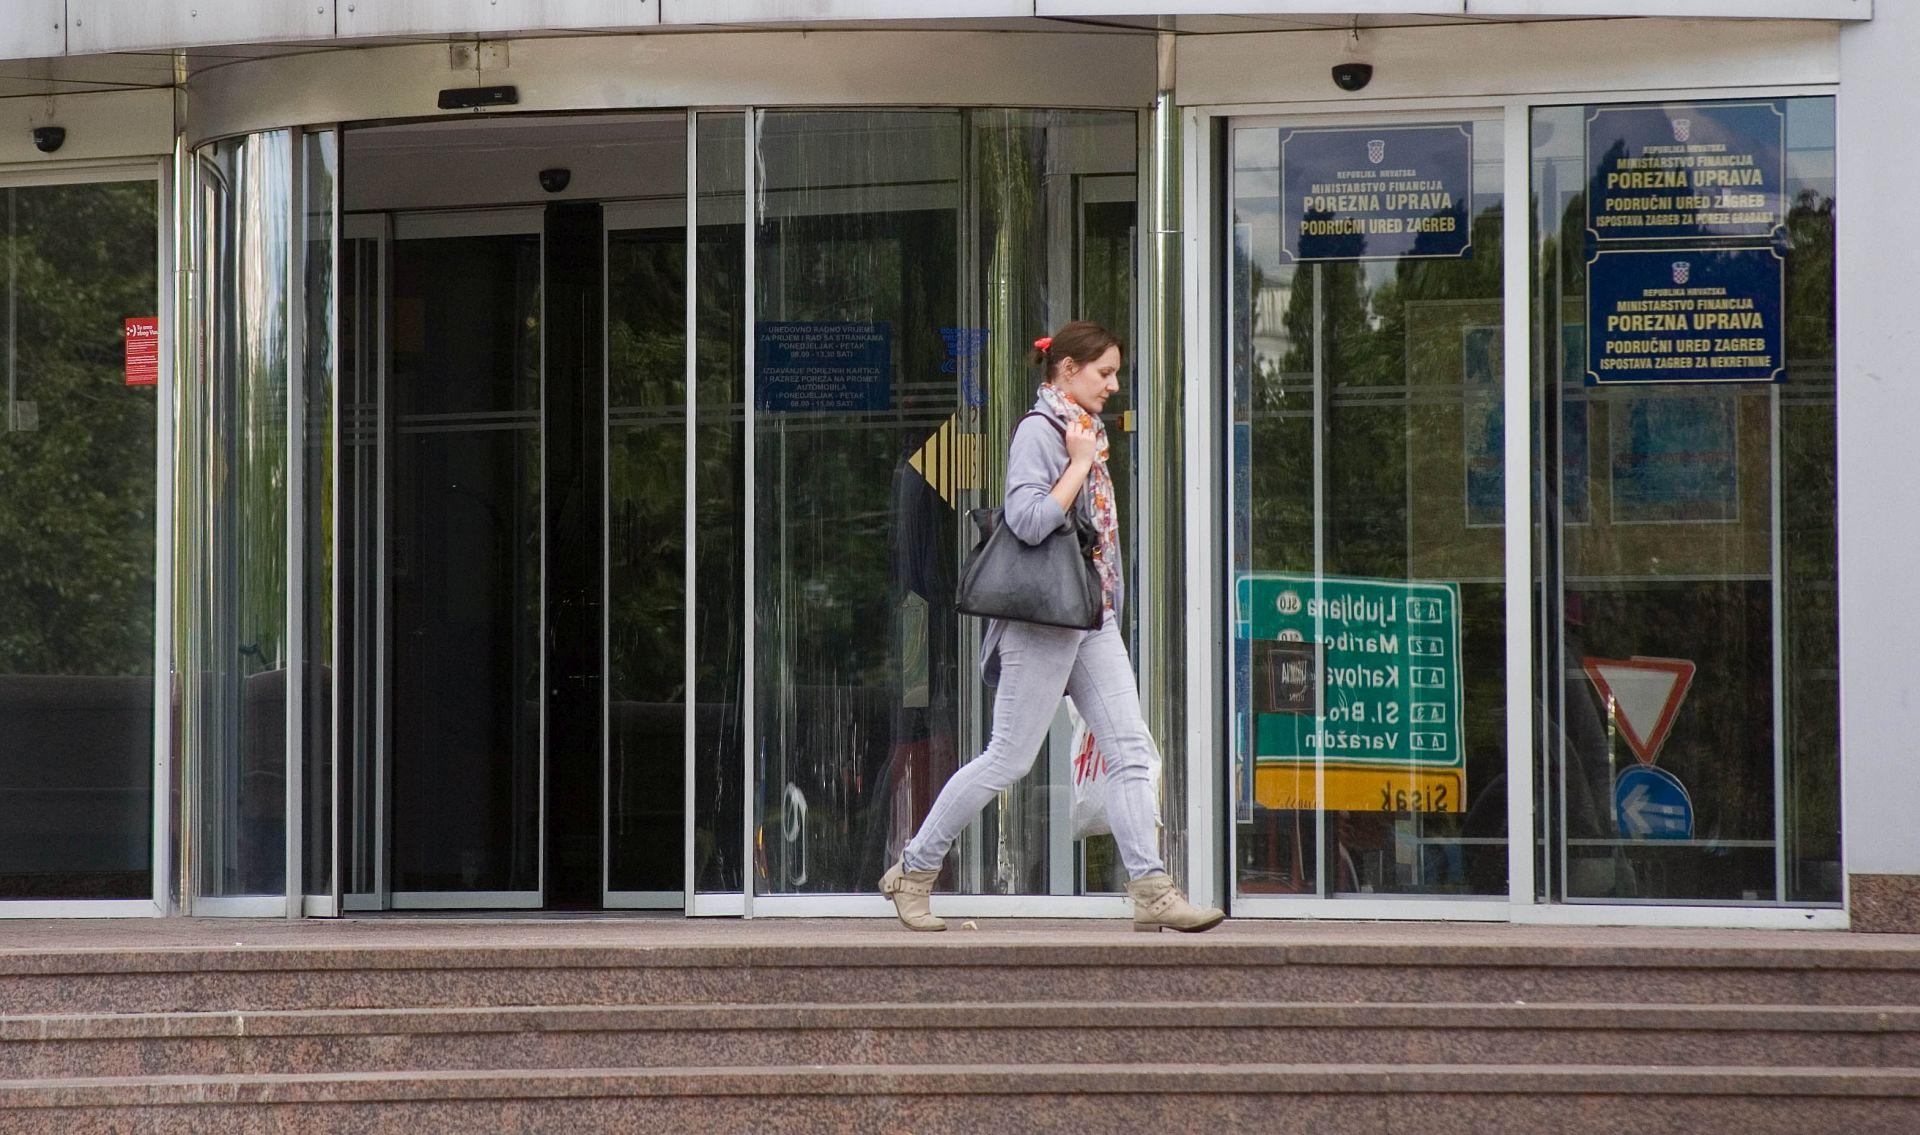 Porezna u travnju utvrdila obveze od 127 milijuna kuna